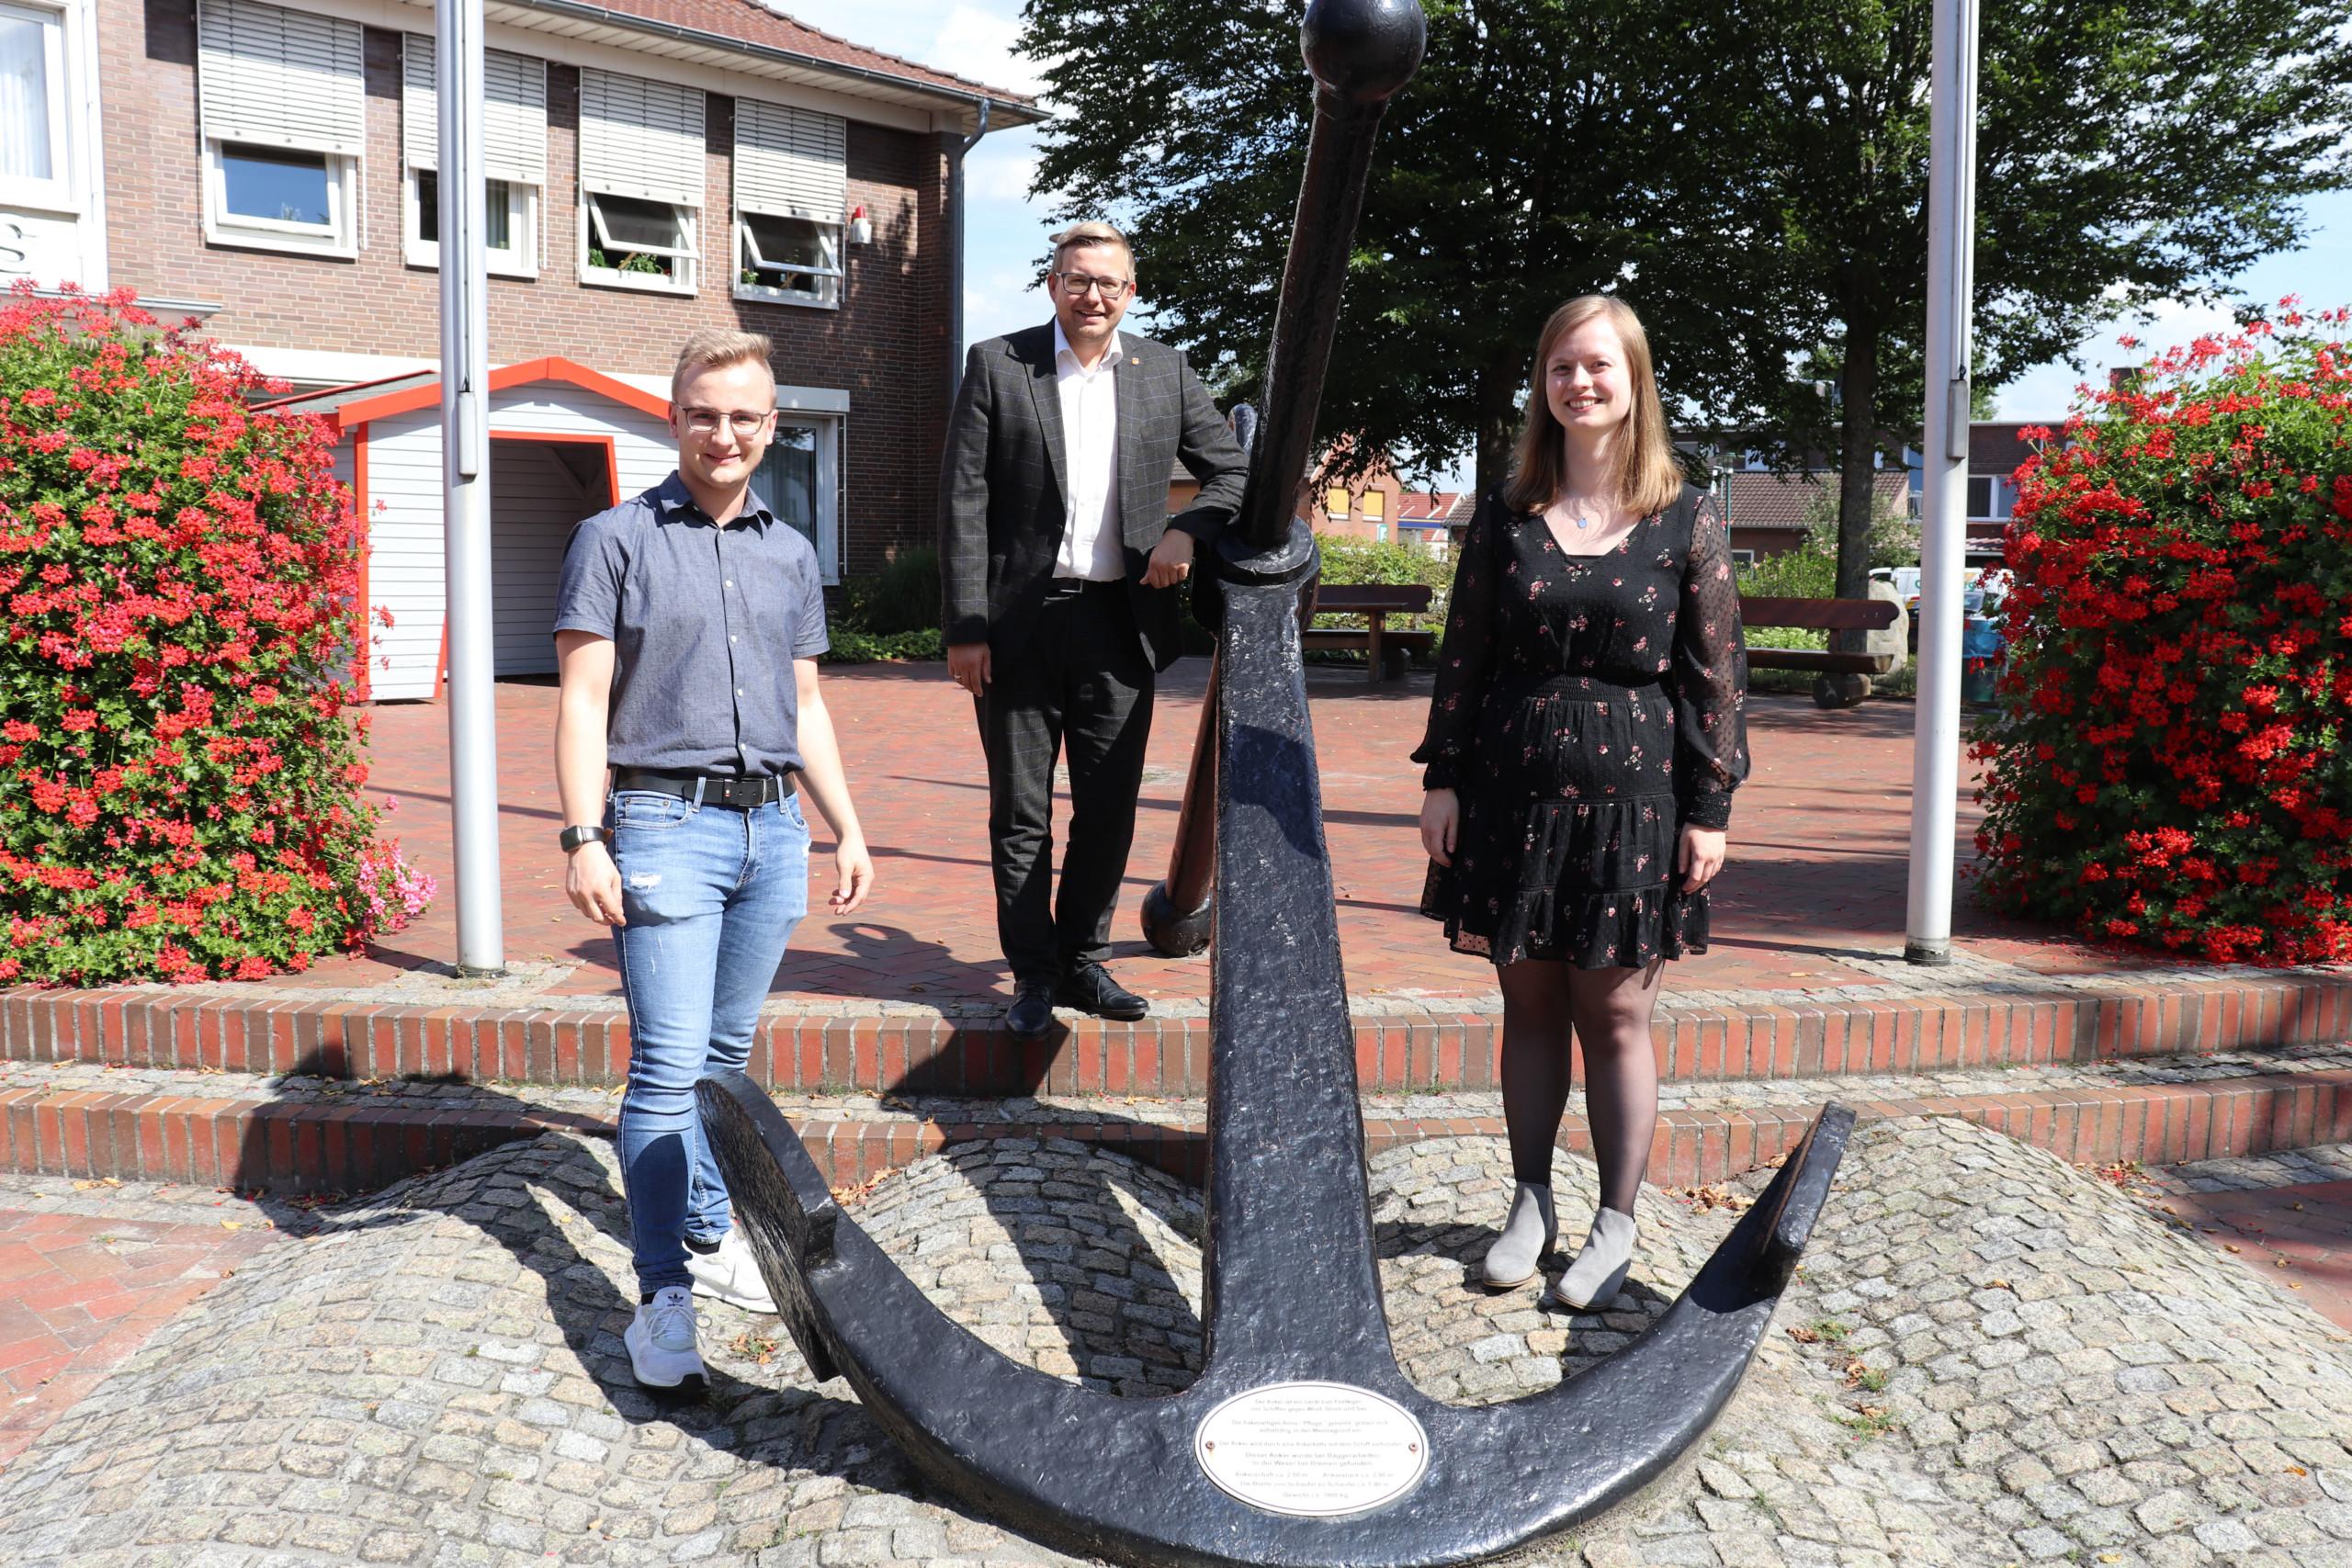 Sie freuen sich über ihre Übernahme bei der Gemeinde Barßel: Kevin Böhmann (links) und Vanessa zu Klampen mit Bürgermeister Nils Anhuth. Aufnahme: Wlodarczyk/Gemeinde Barßel